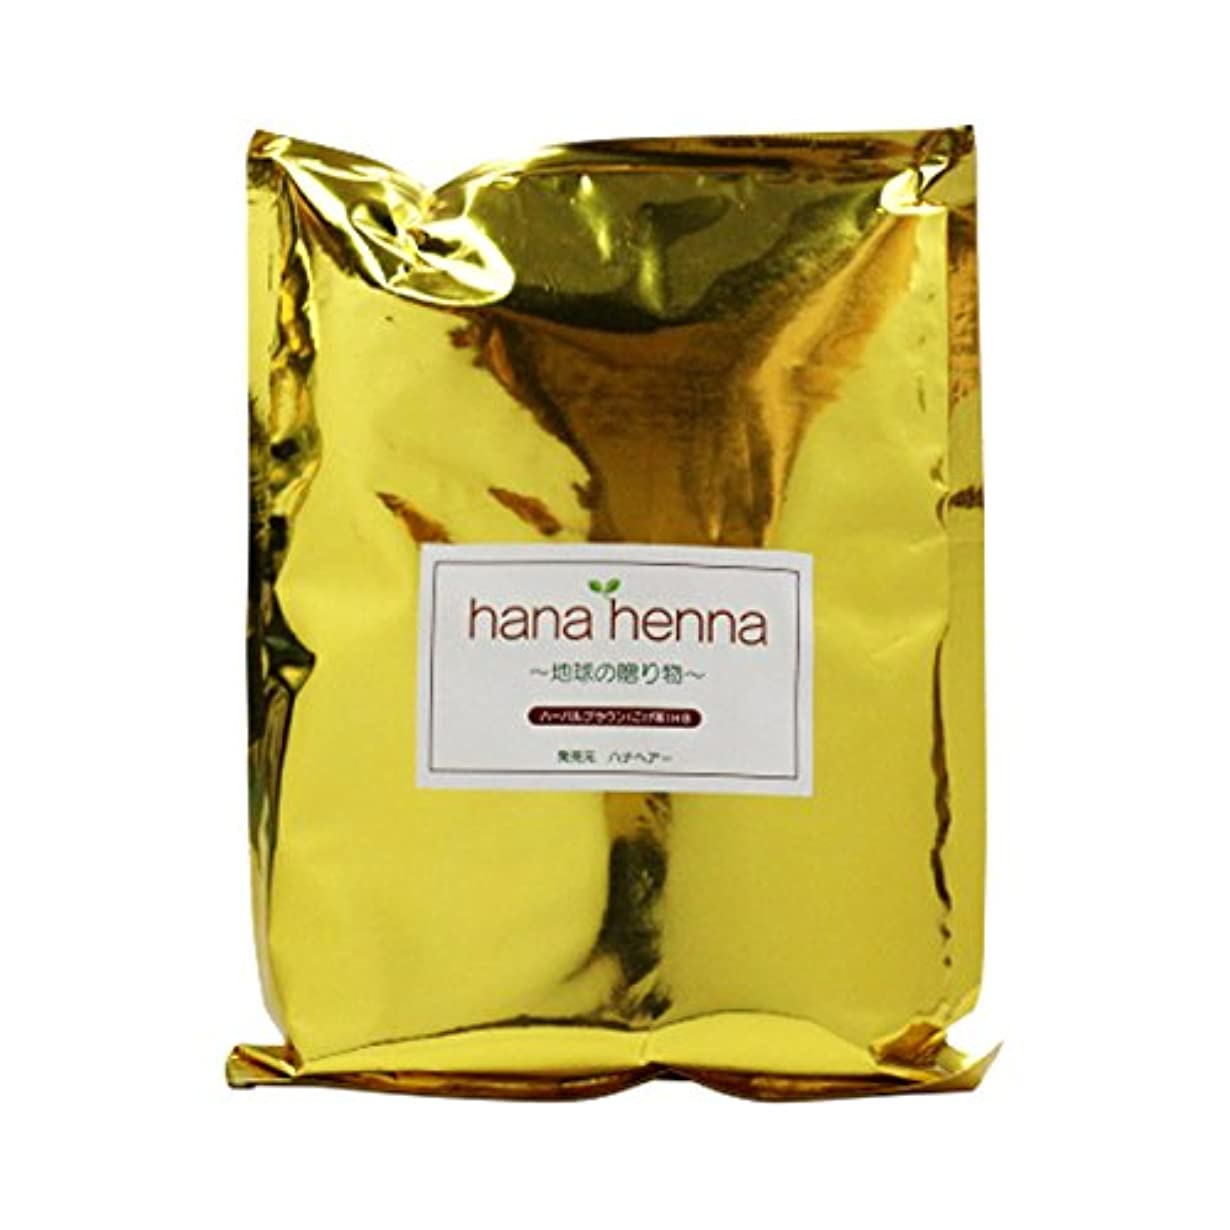 ドライブアソシエイト痛みhanahenna ハーバルブラウン HB(こげ茶) 500g